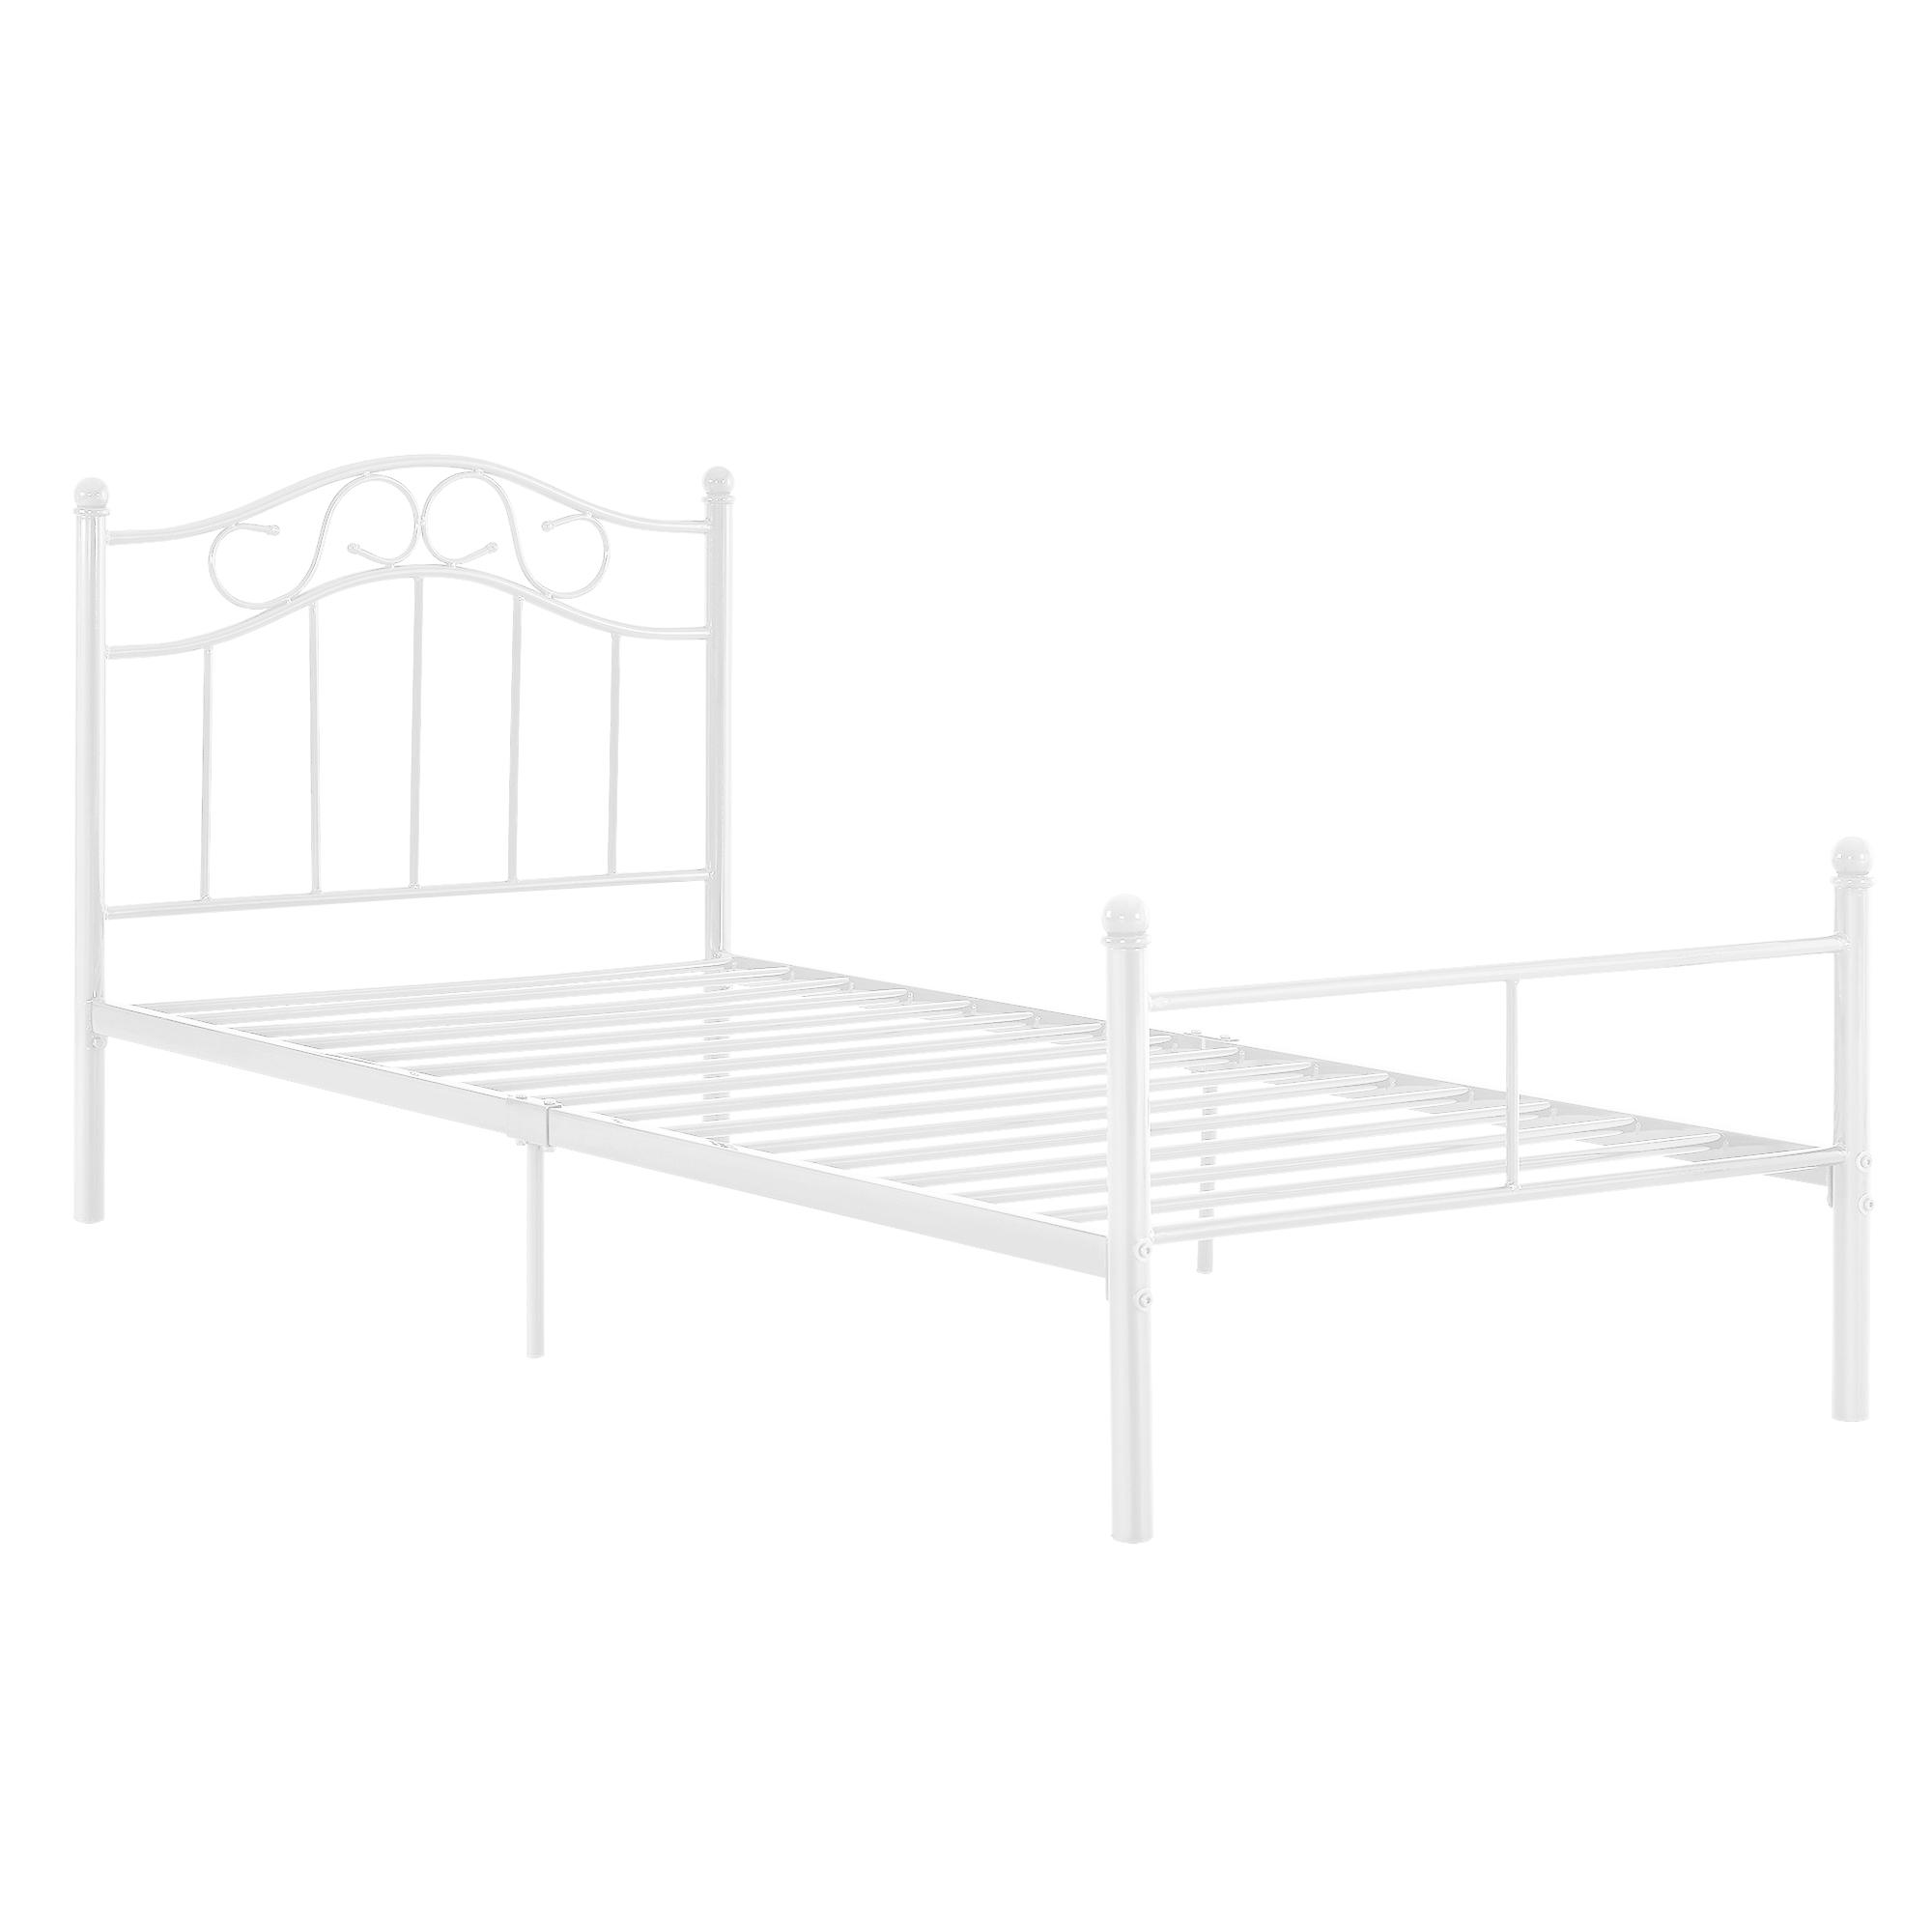 Full Size of Bett 120x200 Betten Mit Matratze Und Lattenrost Bettkasten Weiß Wohnzimmer Bettgestell 120x200